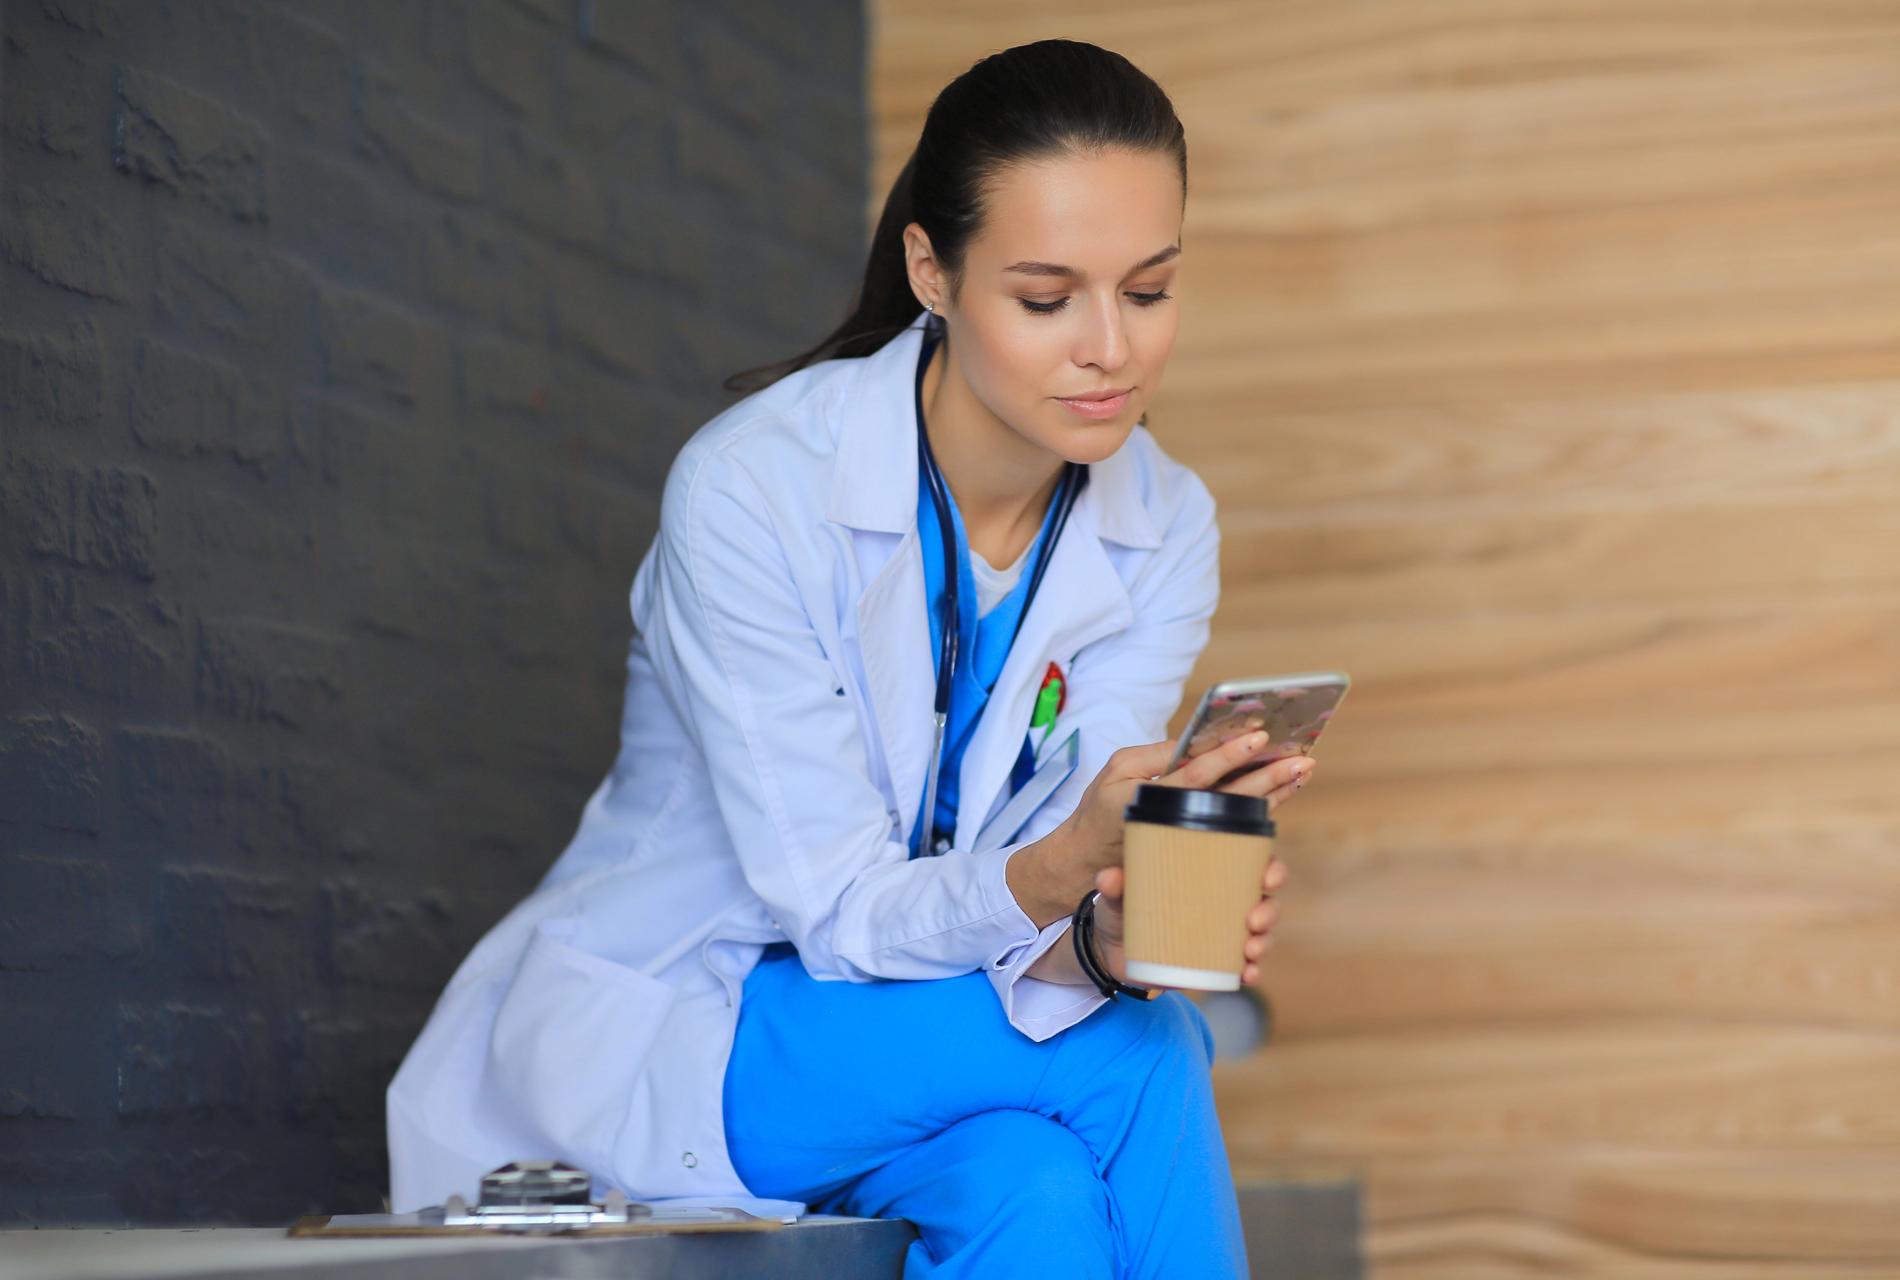 Вендинг против Covid-19 помощь медицинским работникам